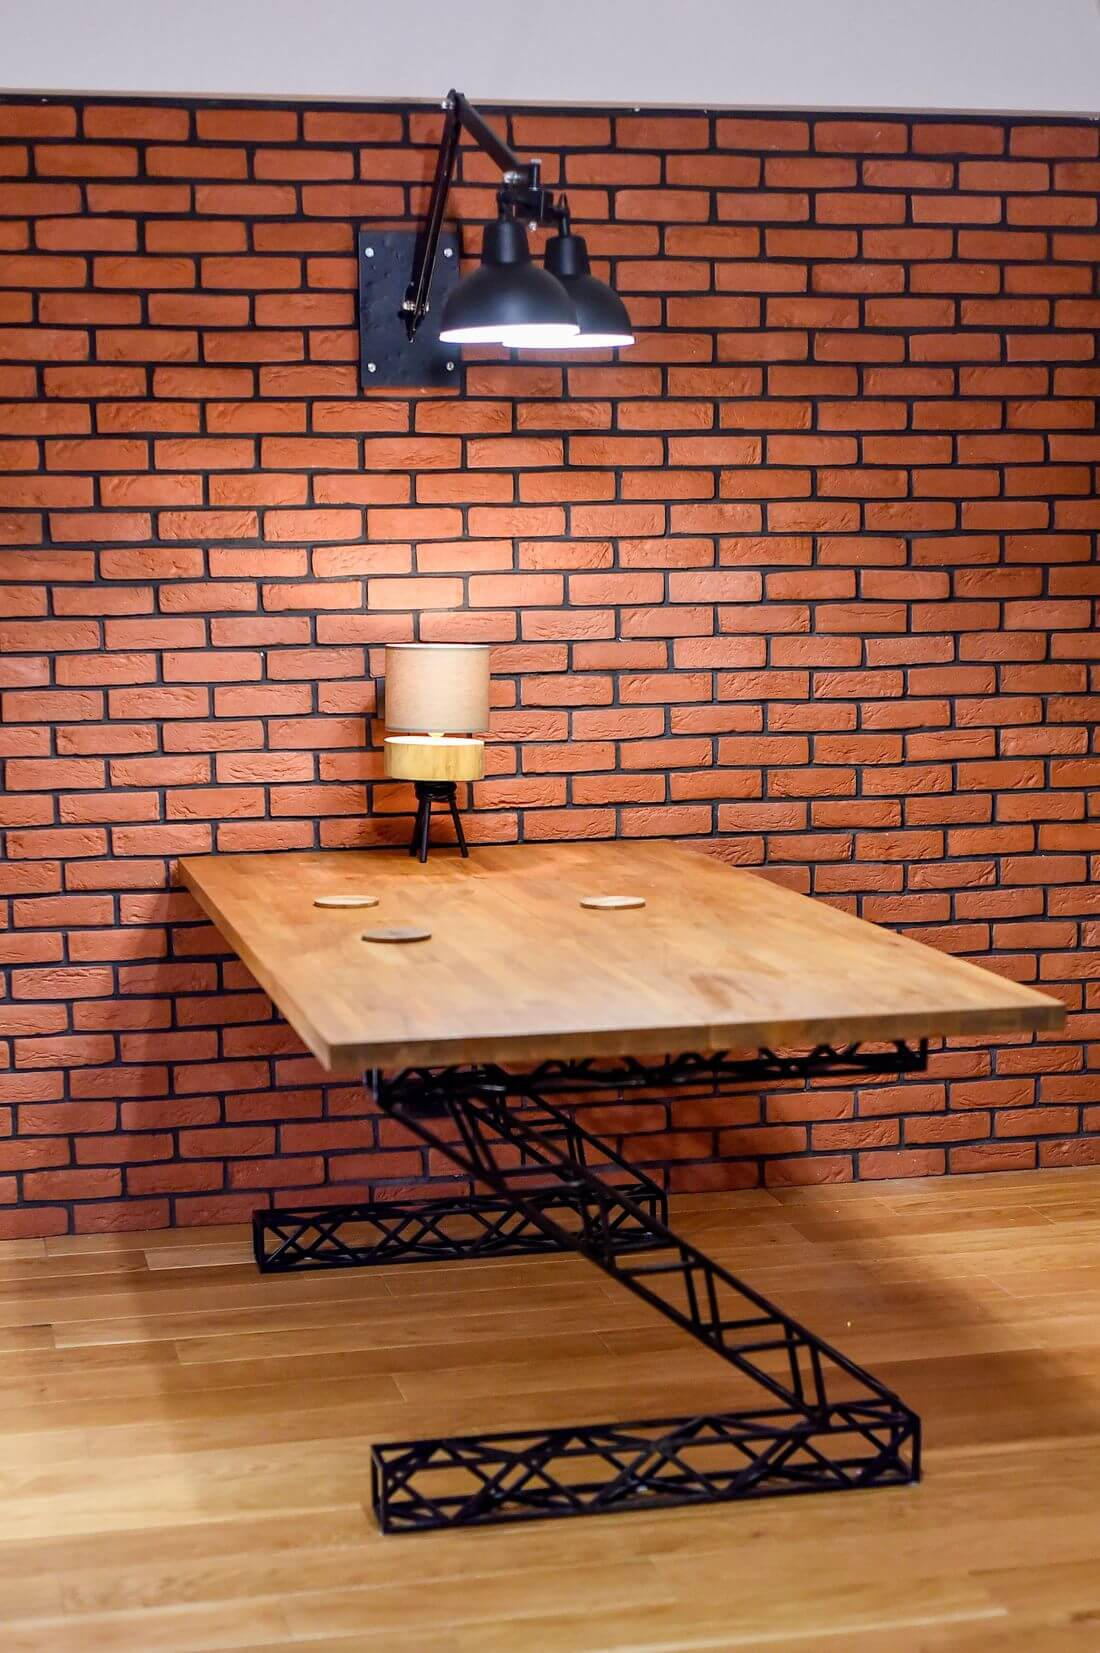 Stół Industrialny drewniany prostokątny z metalowymi nogami z lampką na ceglanej ścianie